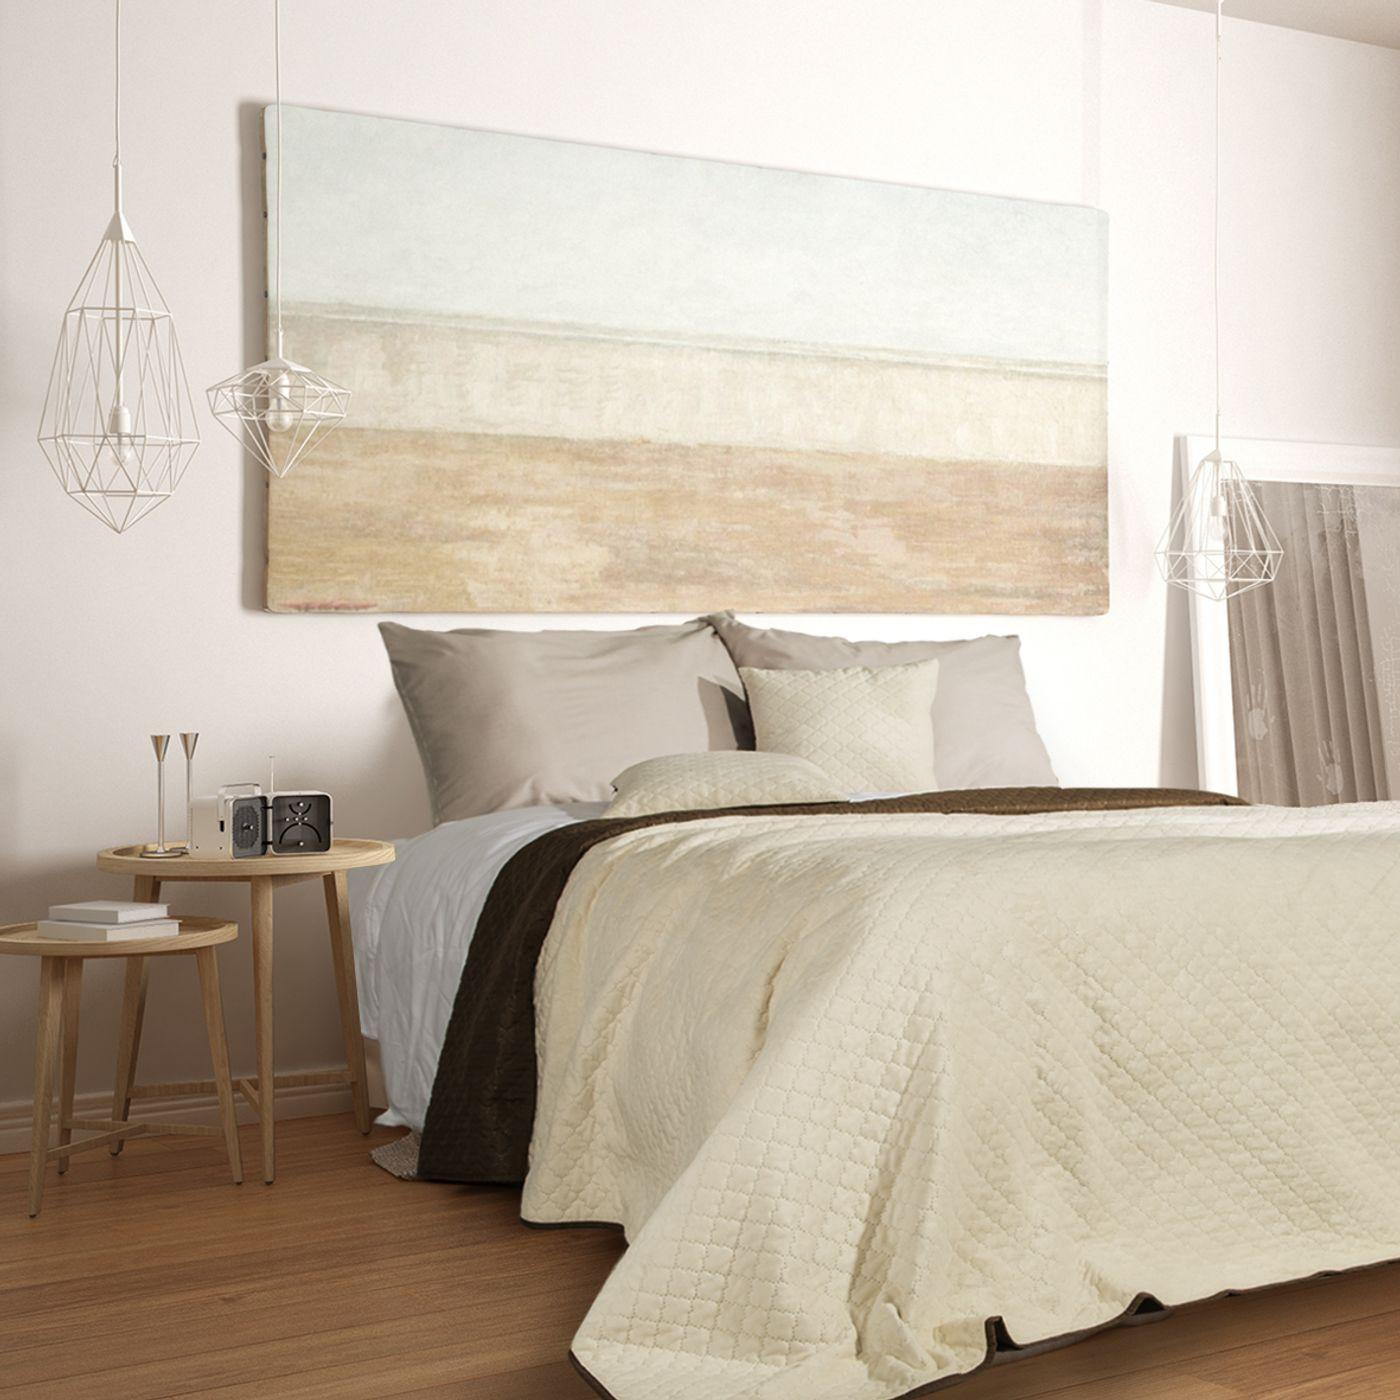 Narzuta na łóżko dwustronna marokańska koniczyna 220x240 cm kremowo-brązowa